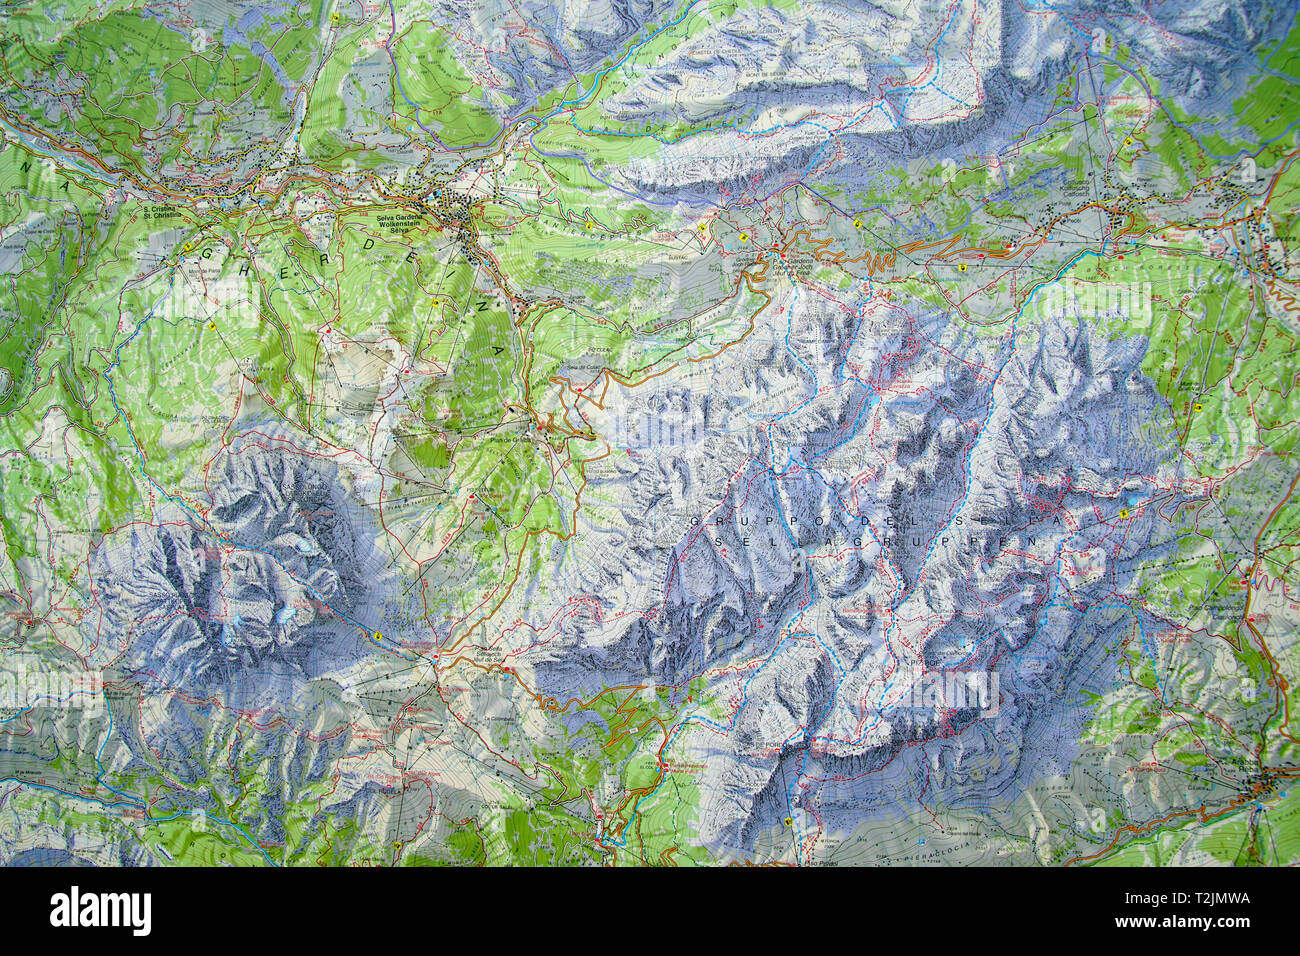 Cartina Geografica Dolomiti.Dolomiti Italia Agosto 6 2018 Carte Topografiche Cartina Dei Sentieri Delle Dolomiti Alpi Italia Foto Stock Alamy